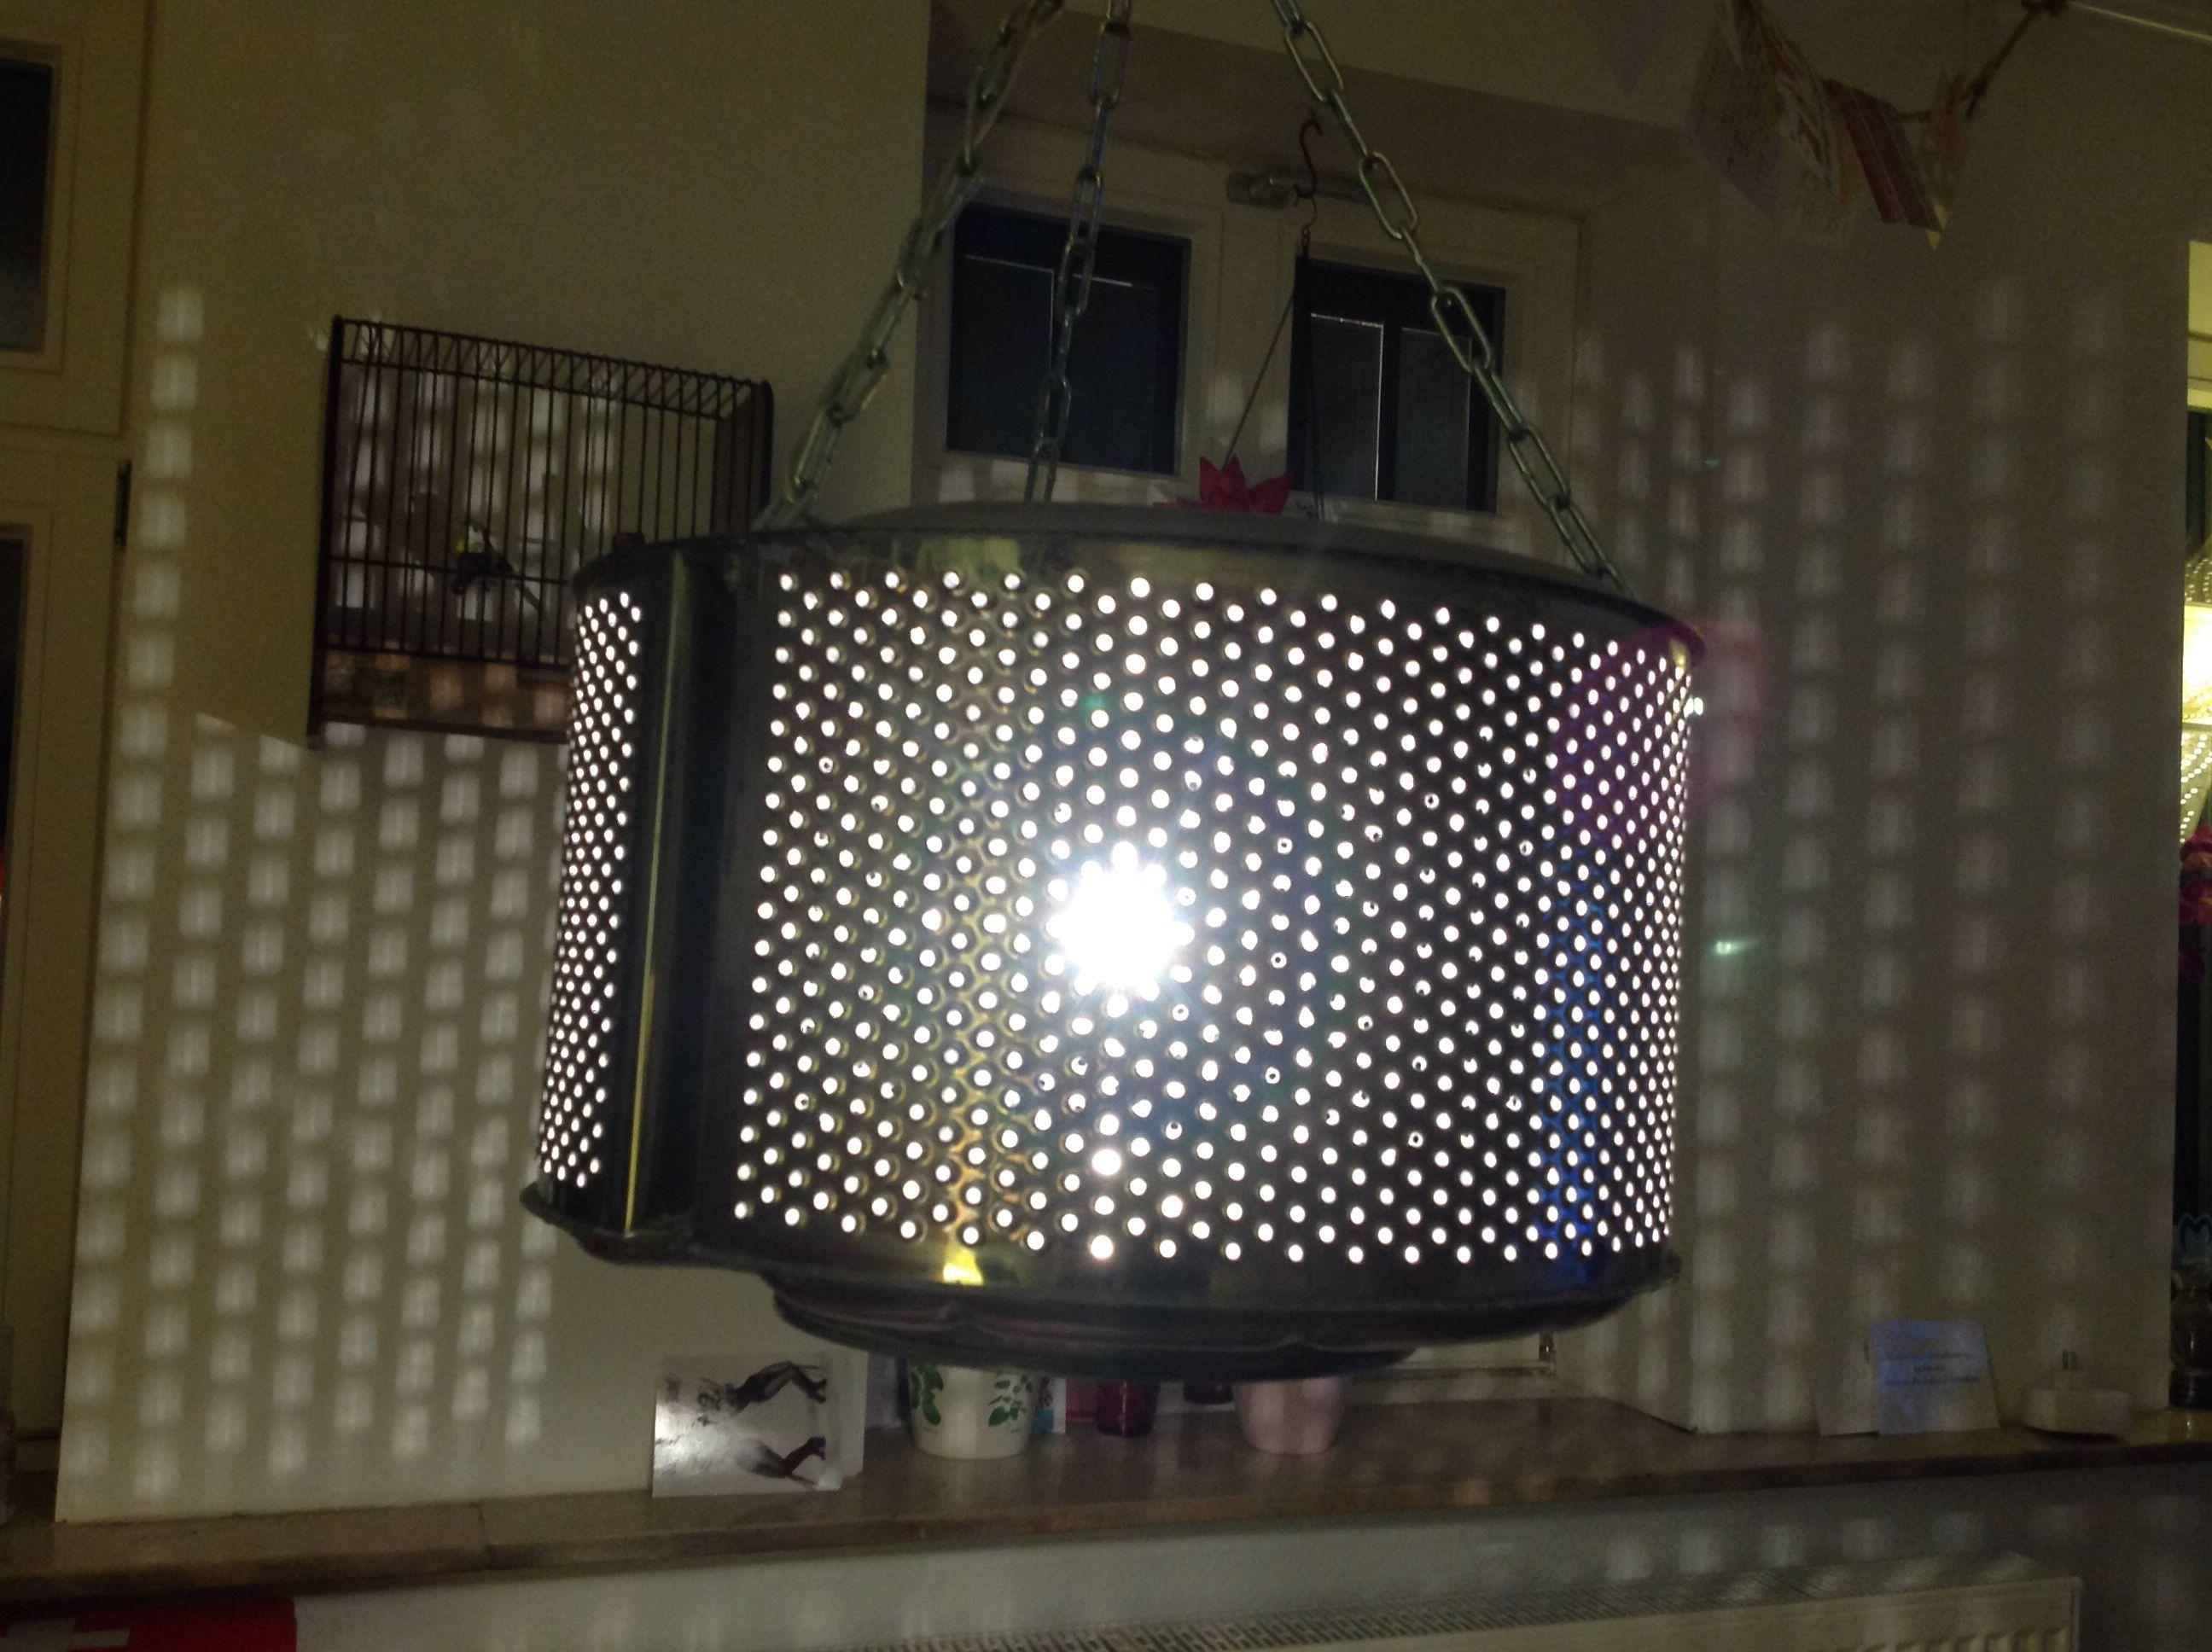 Lampe DIY Aus Einer Alten Waschtrommel In Meinem Wohnzimmer